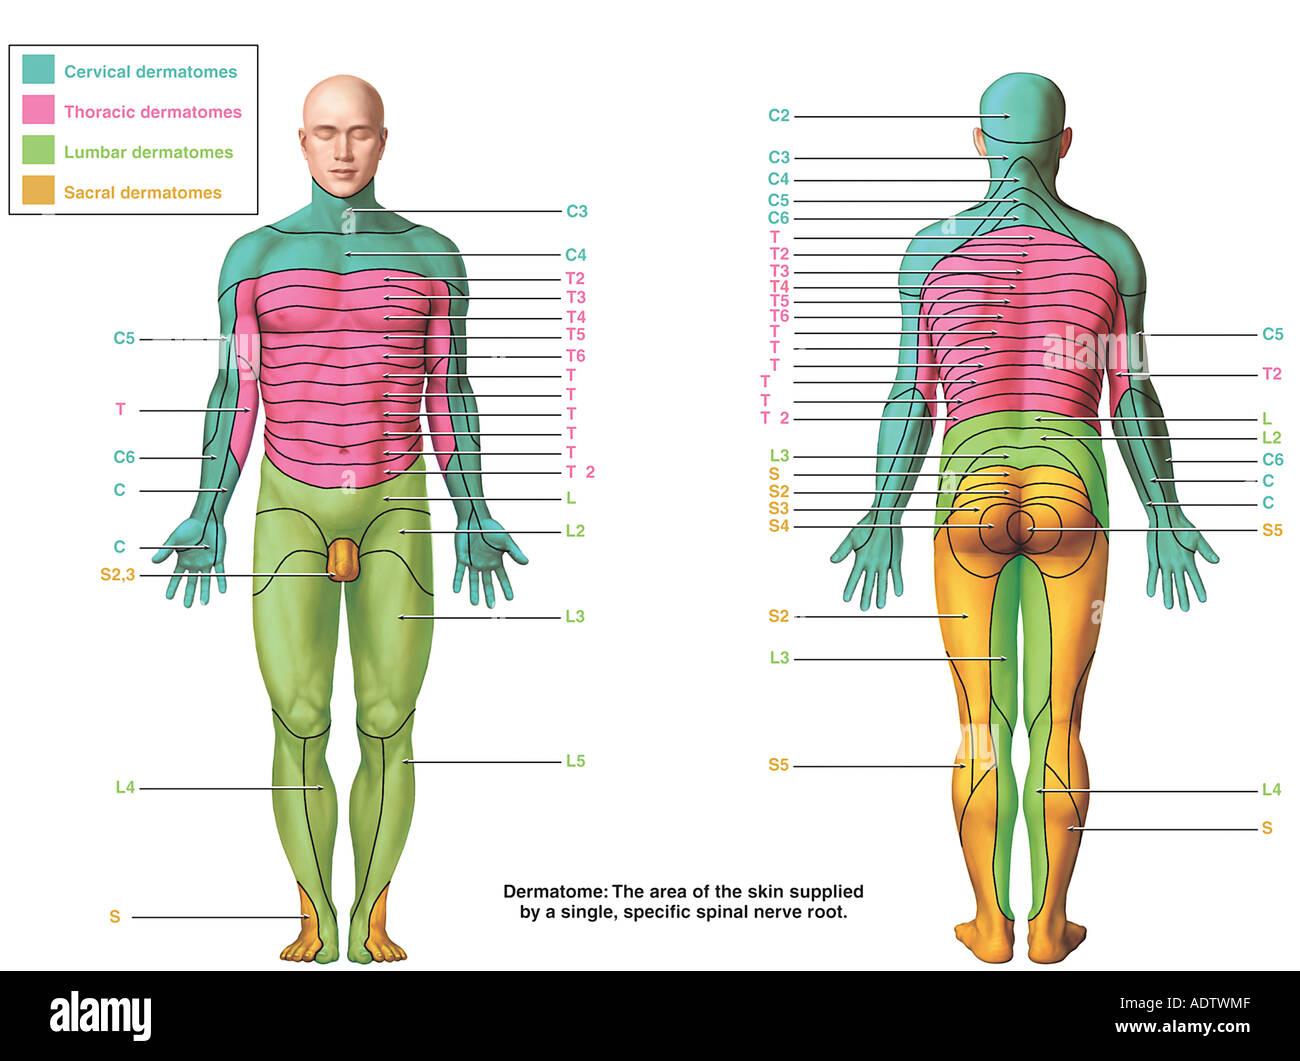 Los dermatomas Foto & Imagen De Stock: 7710478 - Alamy